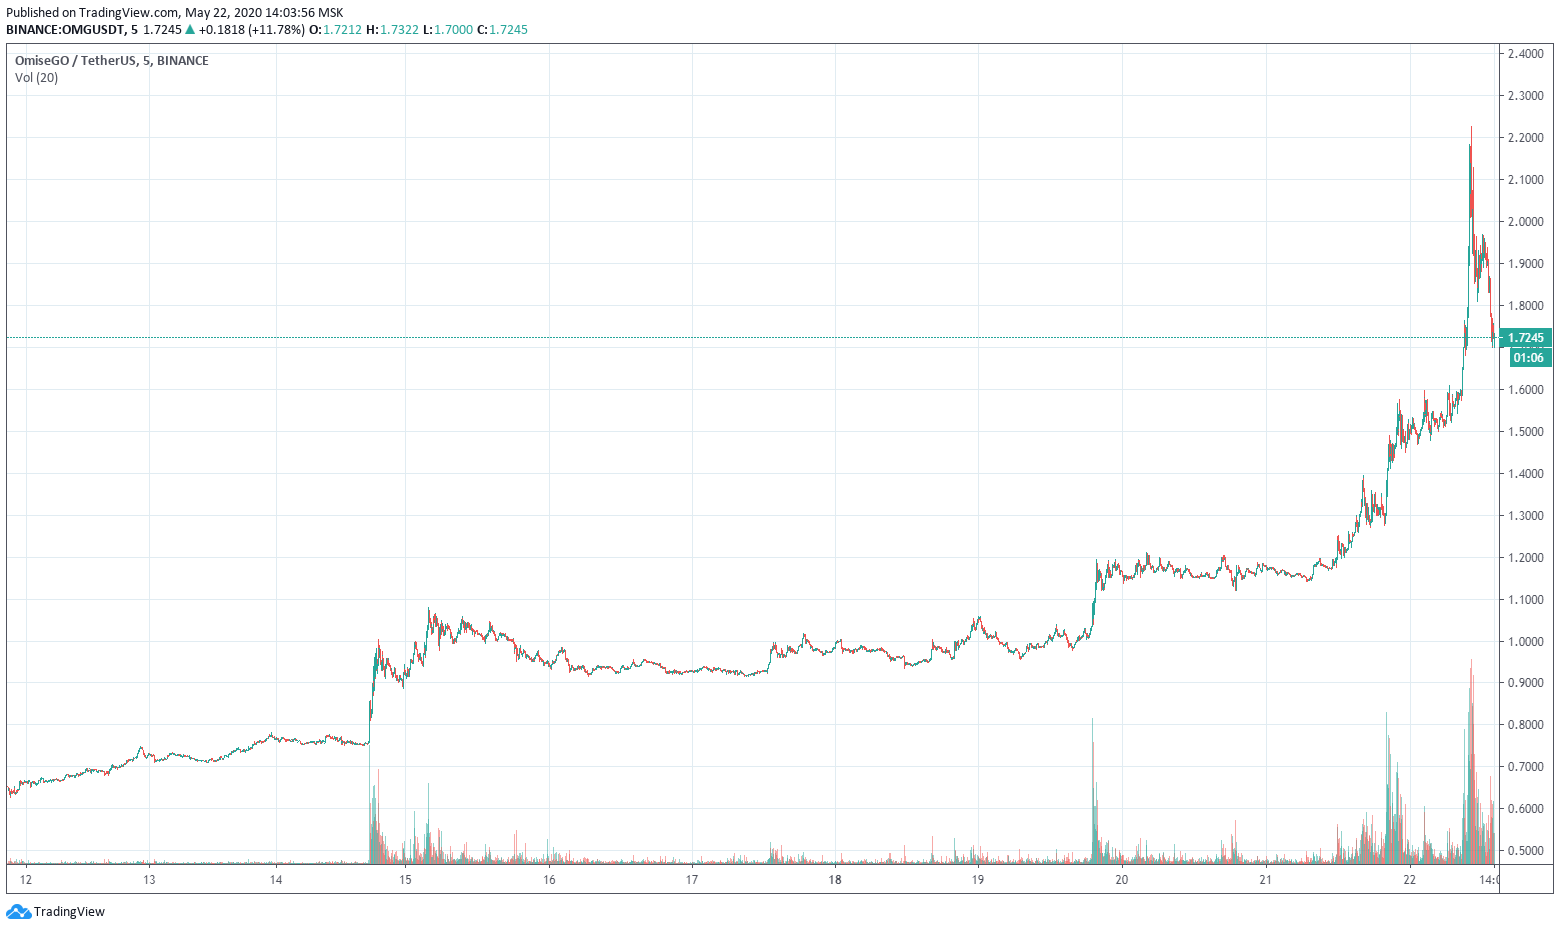 Анонс листинга на Coinbase вызвал рост цены OmiseGo на 200%